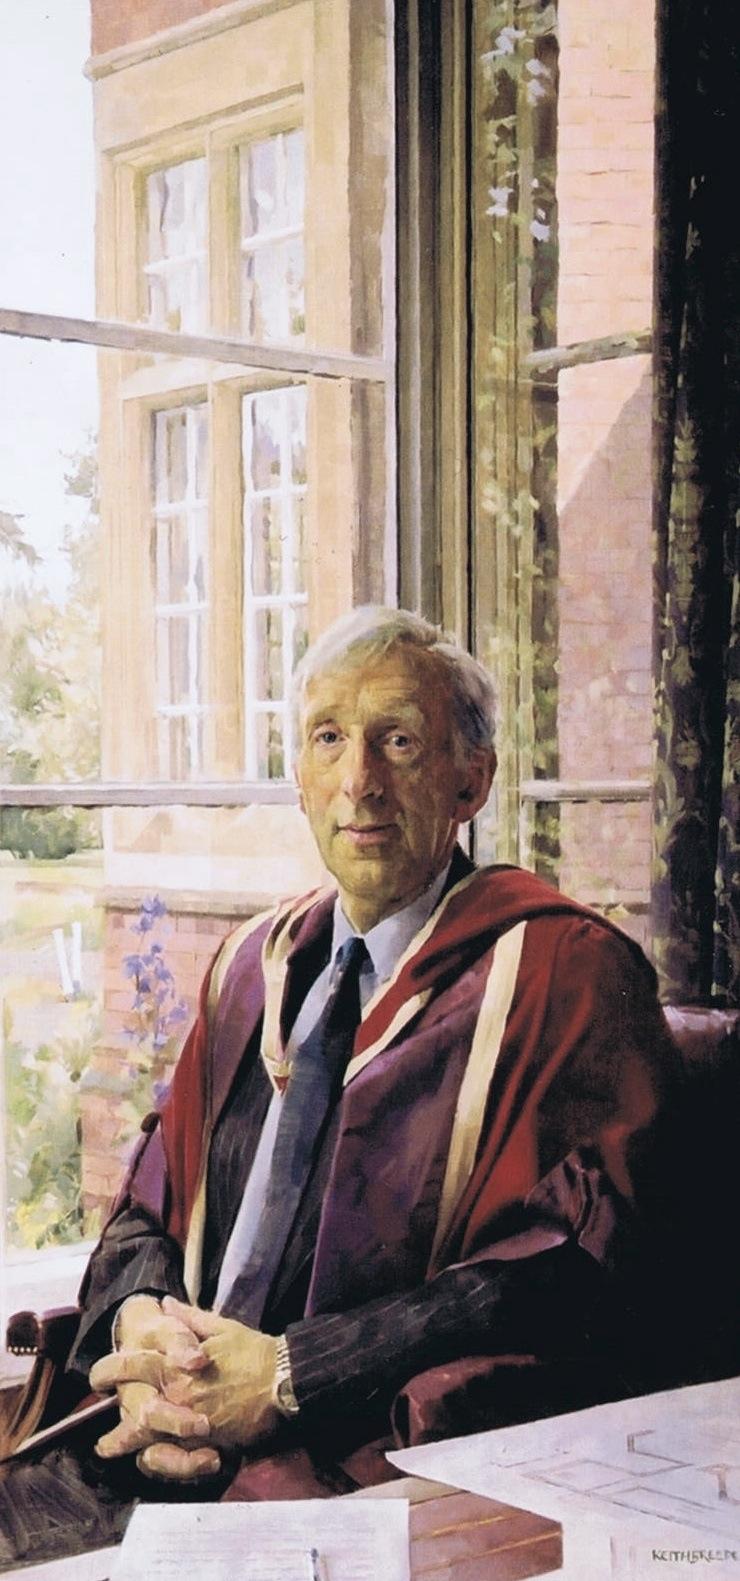 Keith Breeden 'Philip Cheshire. Headmaster, Warwick School' (2002). 52 x 26 ins. Oil.